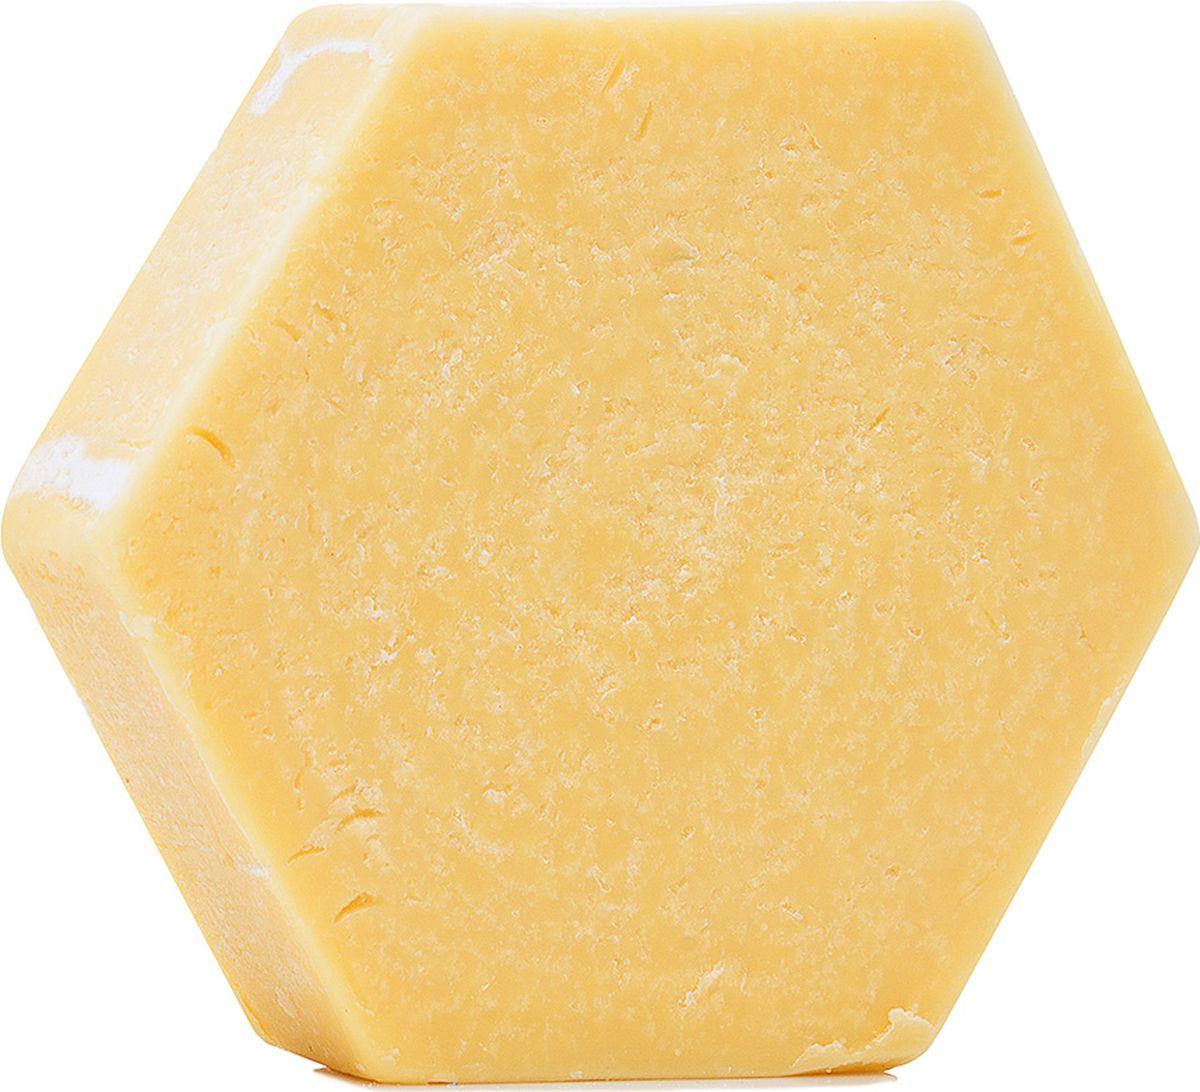 Зейтун Твёрдое массажное масло для тела №1 для всех типов кожи, 100 гZ3501Нежно ухаживает за кожей, питает, увлажняет, насыщает её витаминами. При регулярном применении — стимулирует выработку собственного коллагена, подтягивает и разглаживает кожу, выравнивает цвет. Идеальное средство для уставшей кожи, быстро впитываясь, масло Зейтун активизирует обменные процессы, запускает механизм «экстренной регенерации». Не оставляет следов на белье, обладает лёгким, но роскошным ароматом.